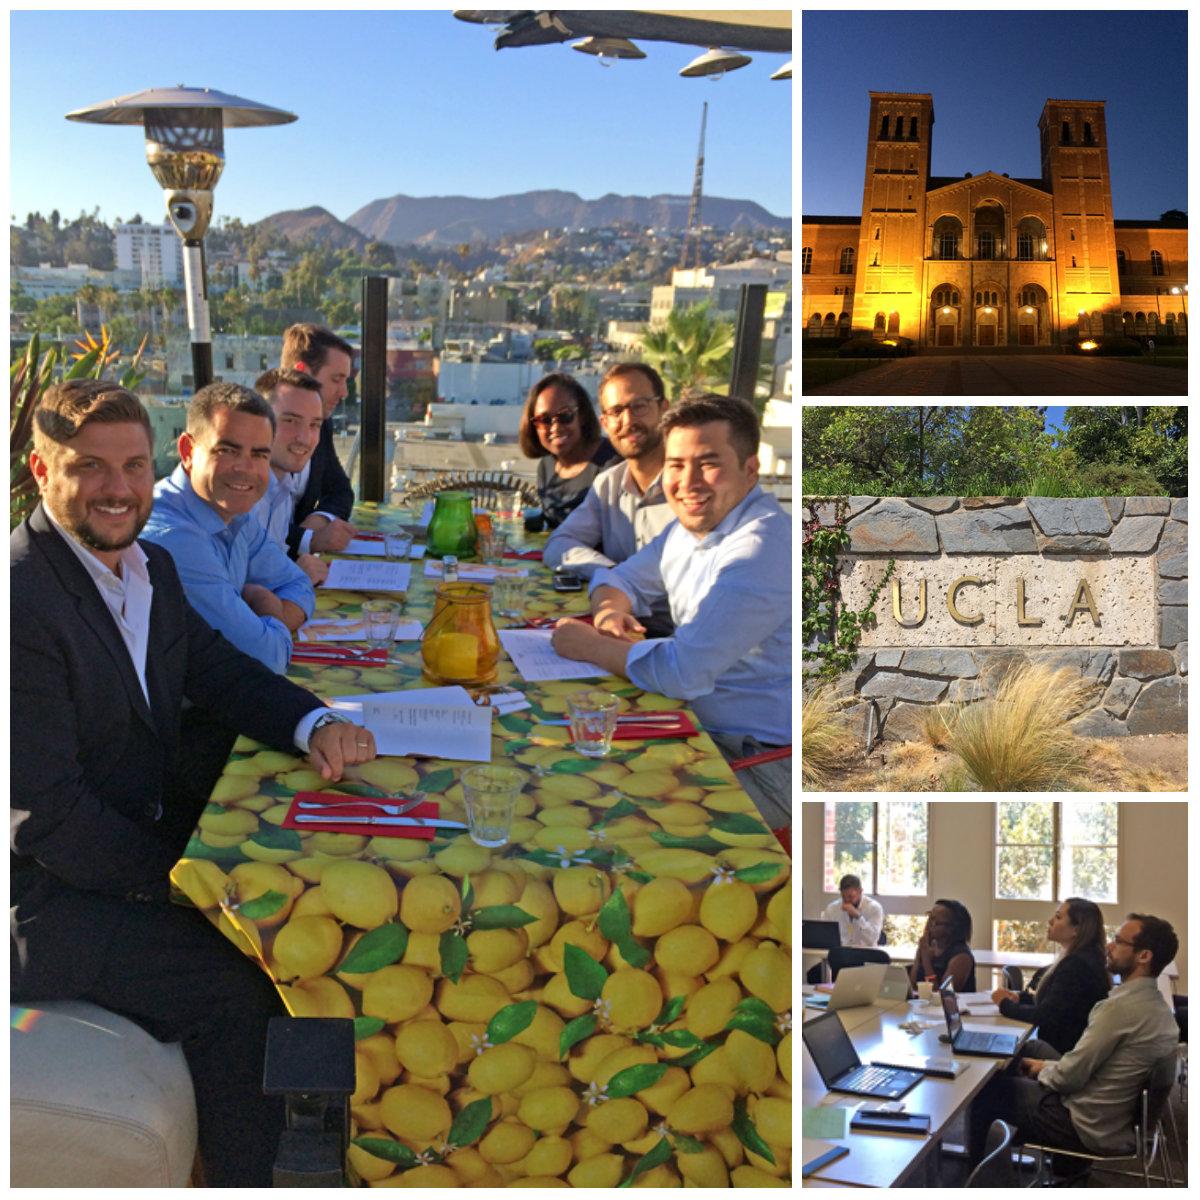 Partnership Ucla: Jade Partner With UCLA